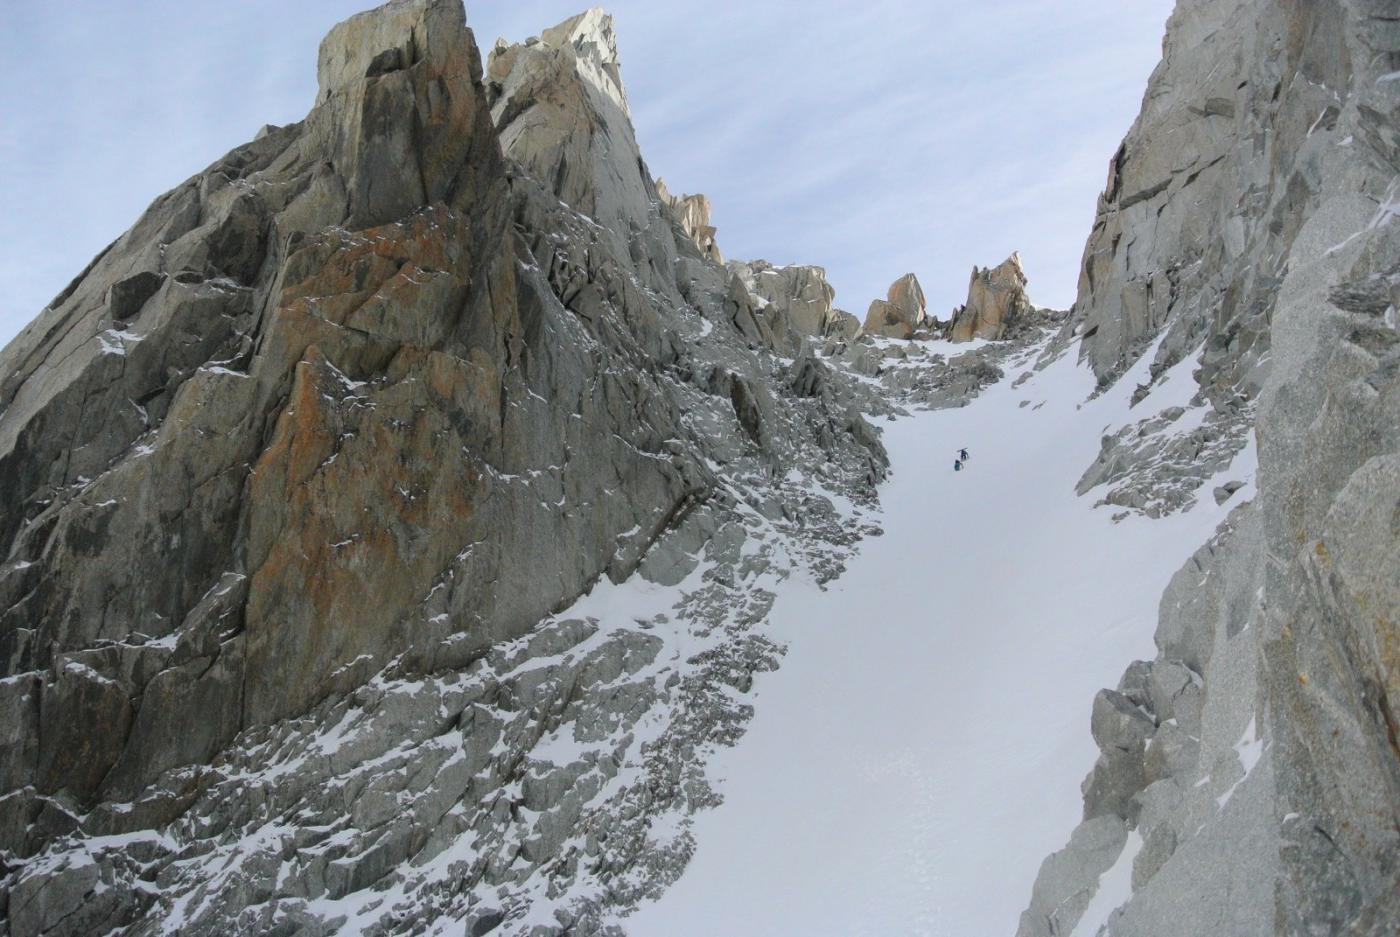 sciatori nel canale Gervasutti... scenderanno dall'altra parte